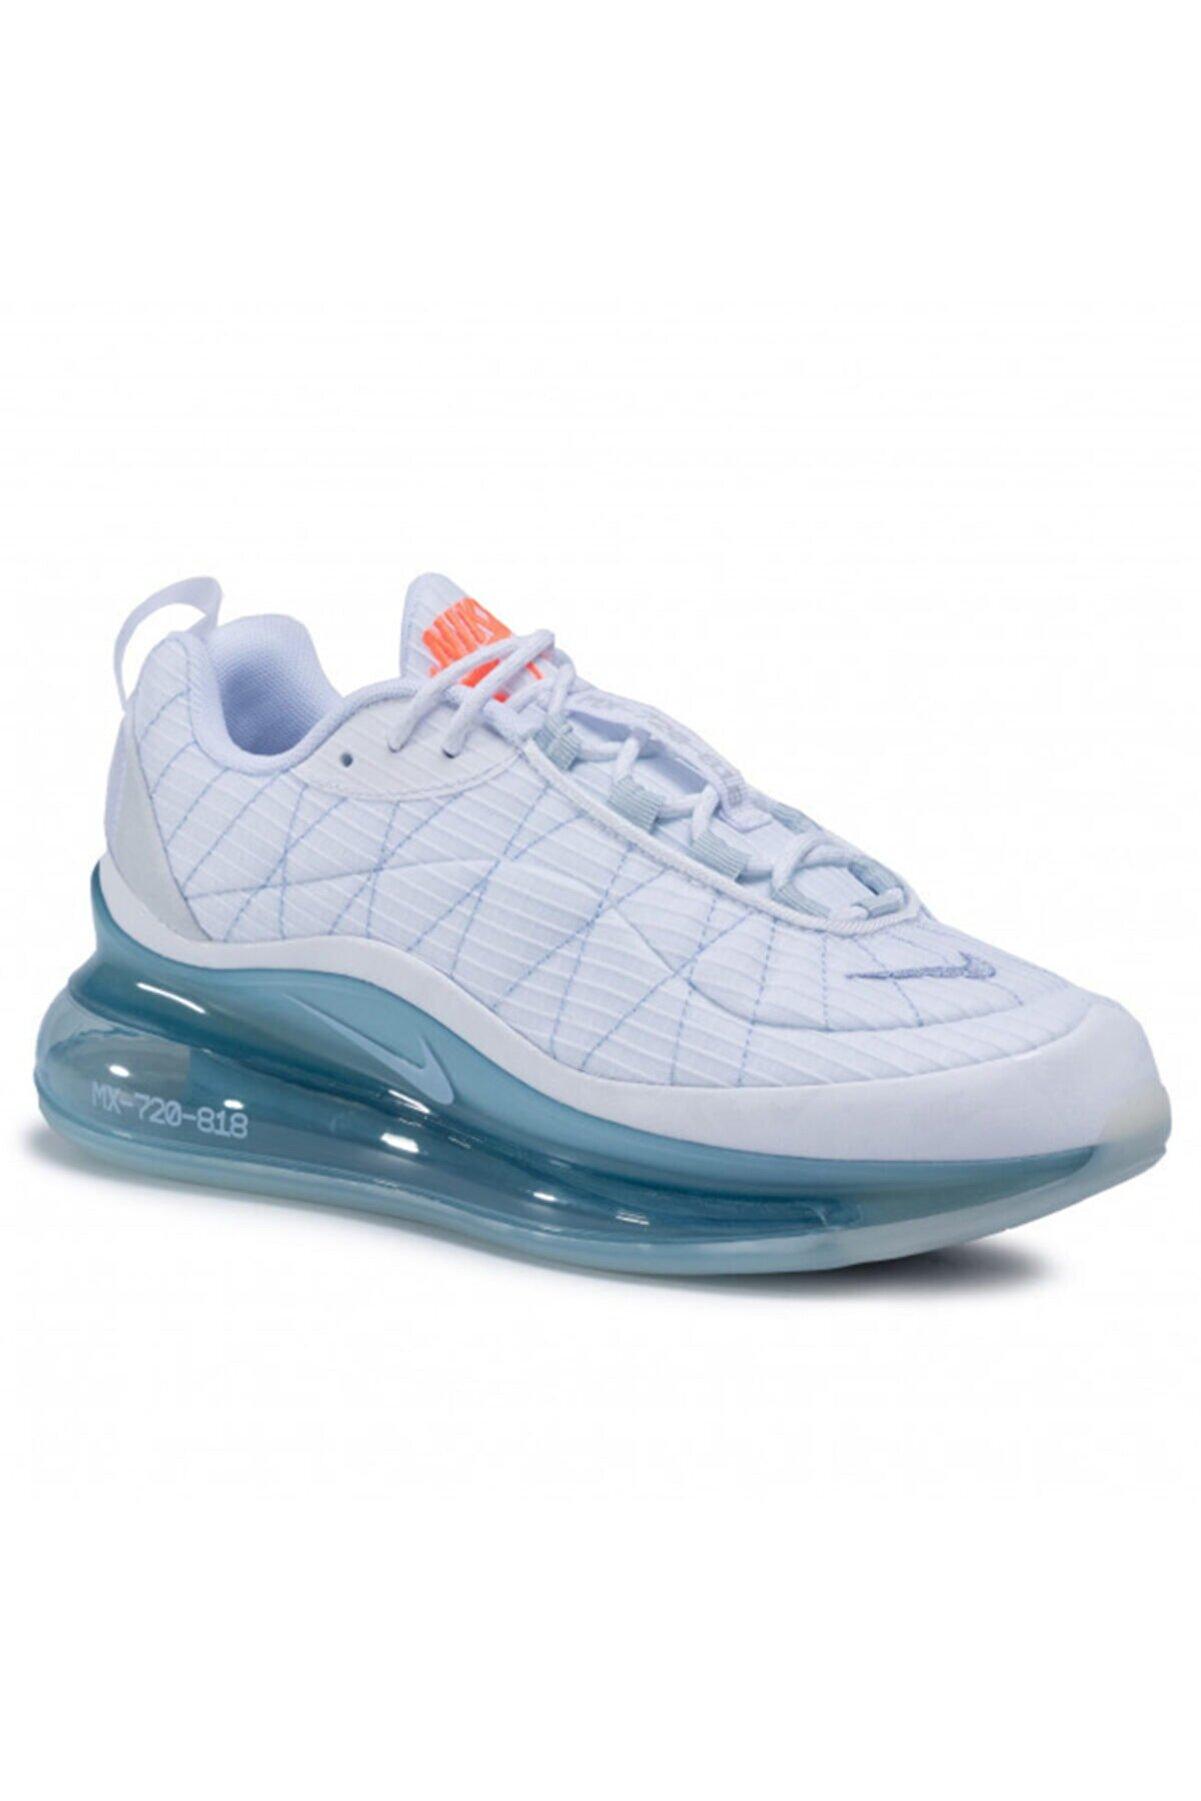 Nike Mx-720-818 Erkek Spor Ayakkabı Ct1266-100